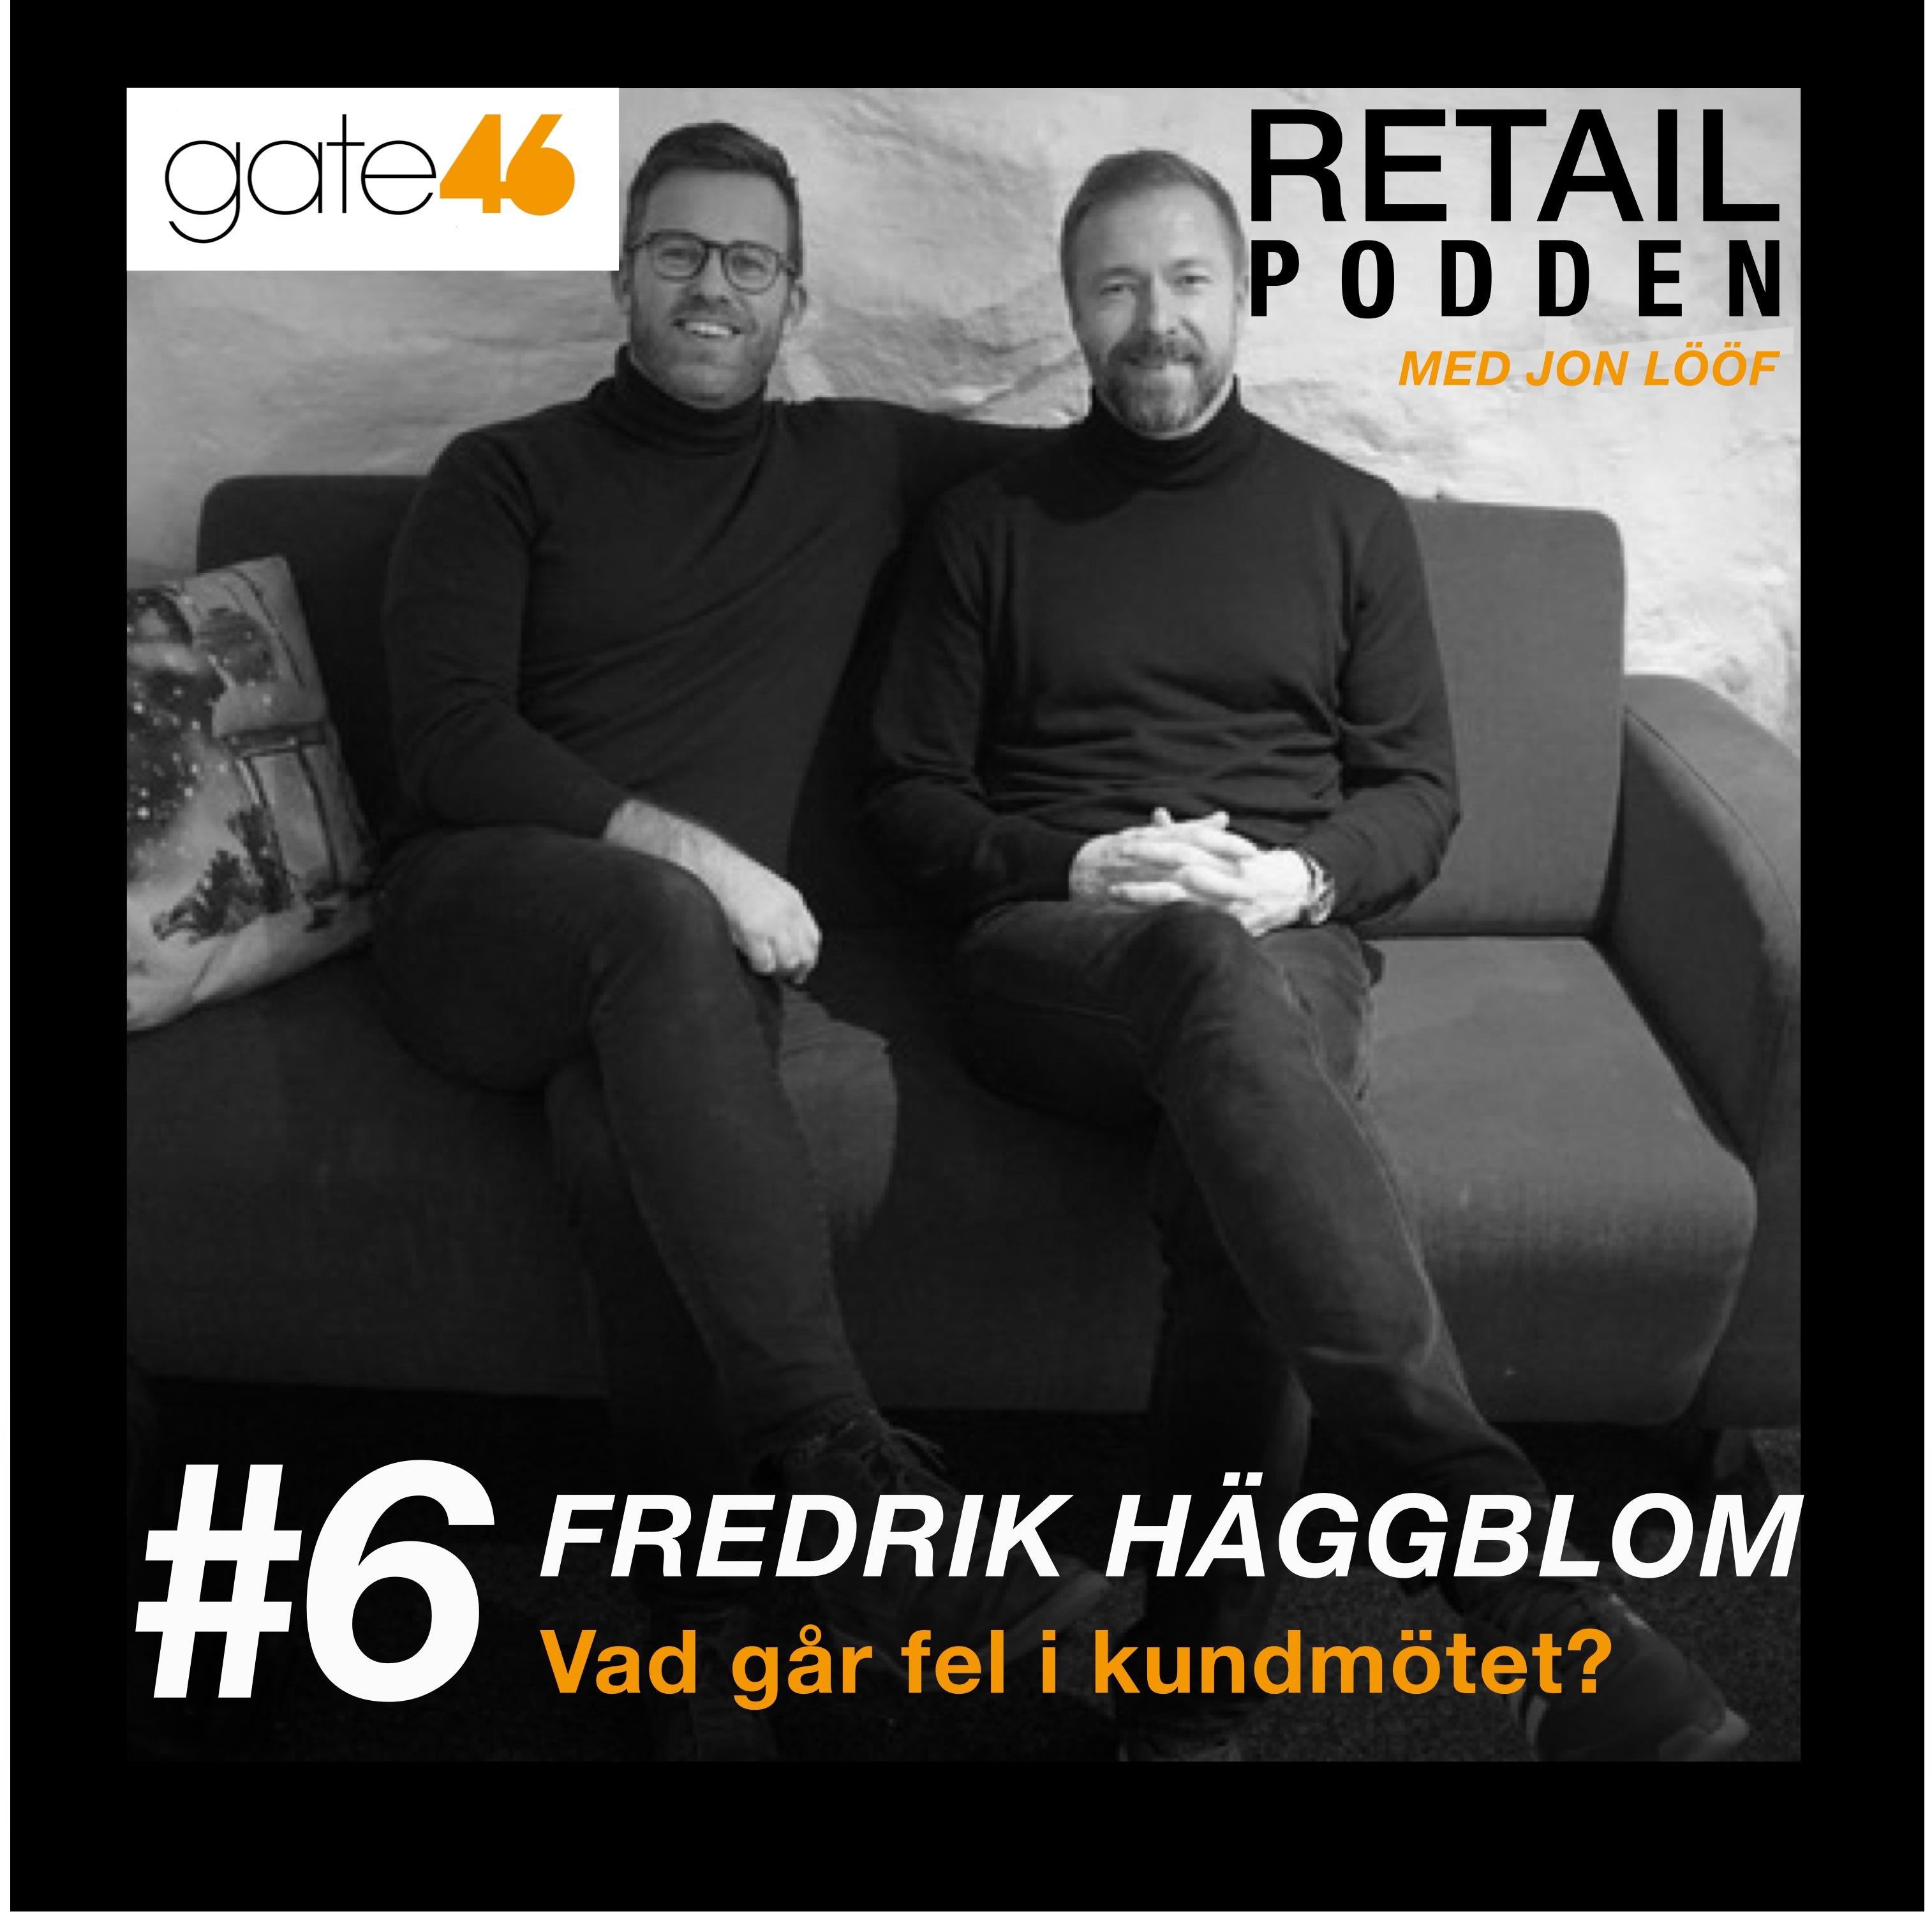 6. Fredrik Häggblom - Vad går fel i kundmötet?